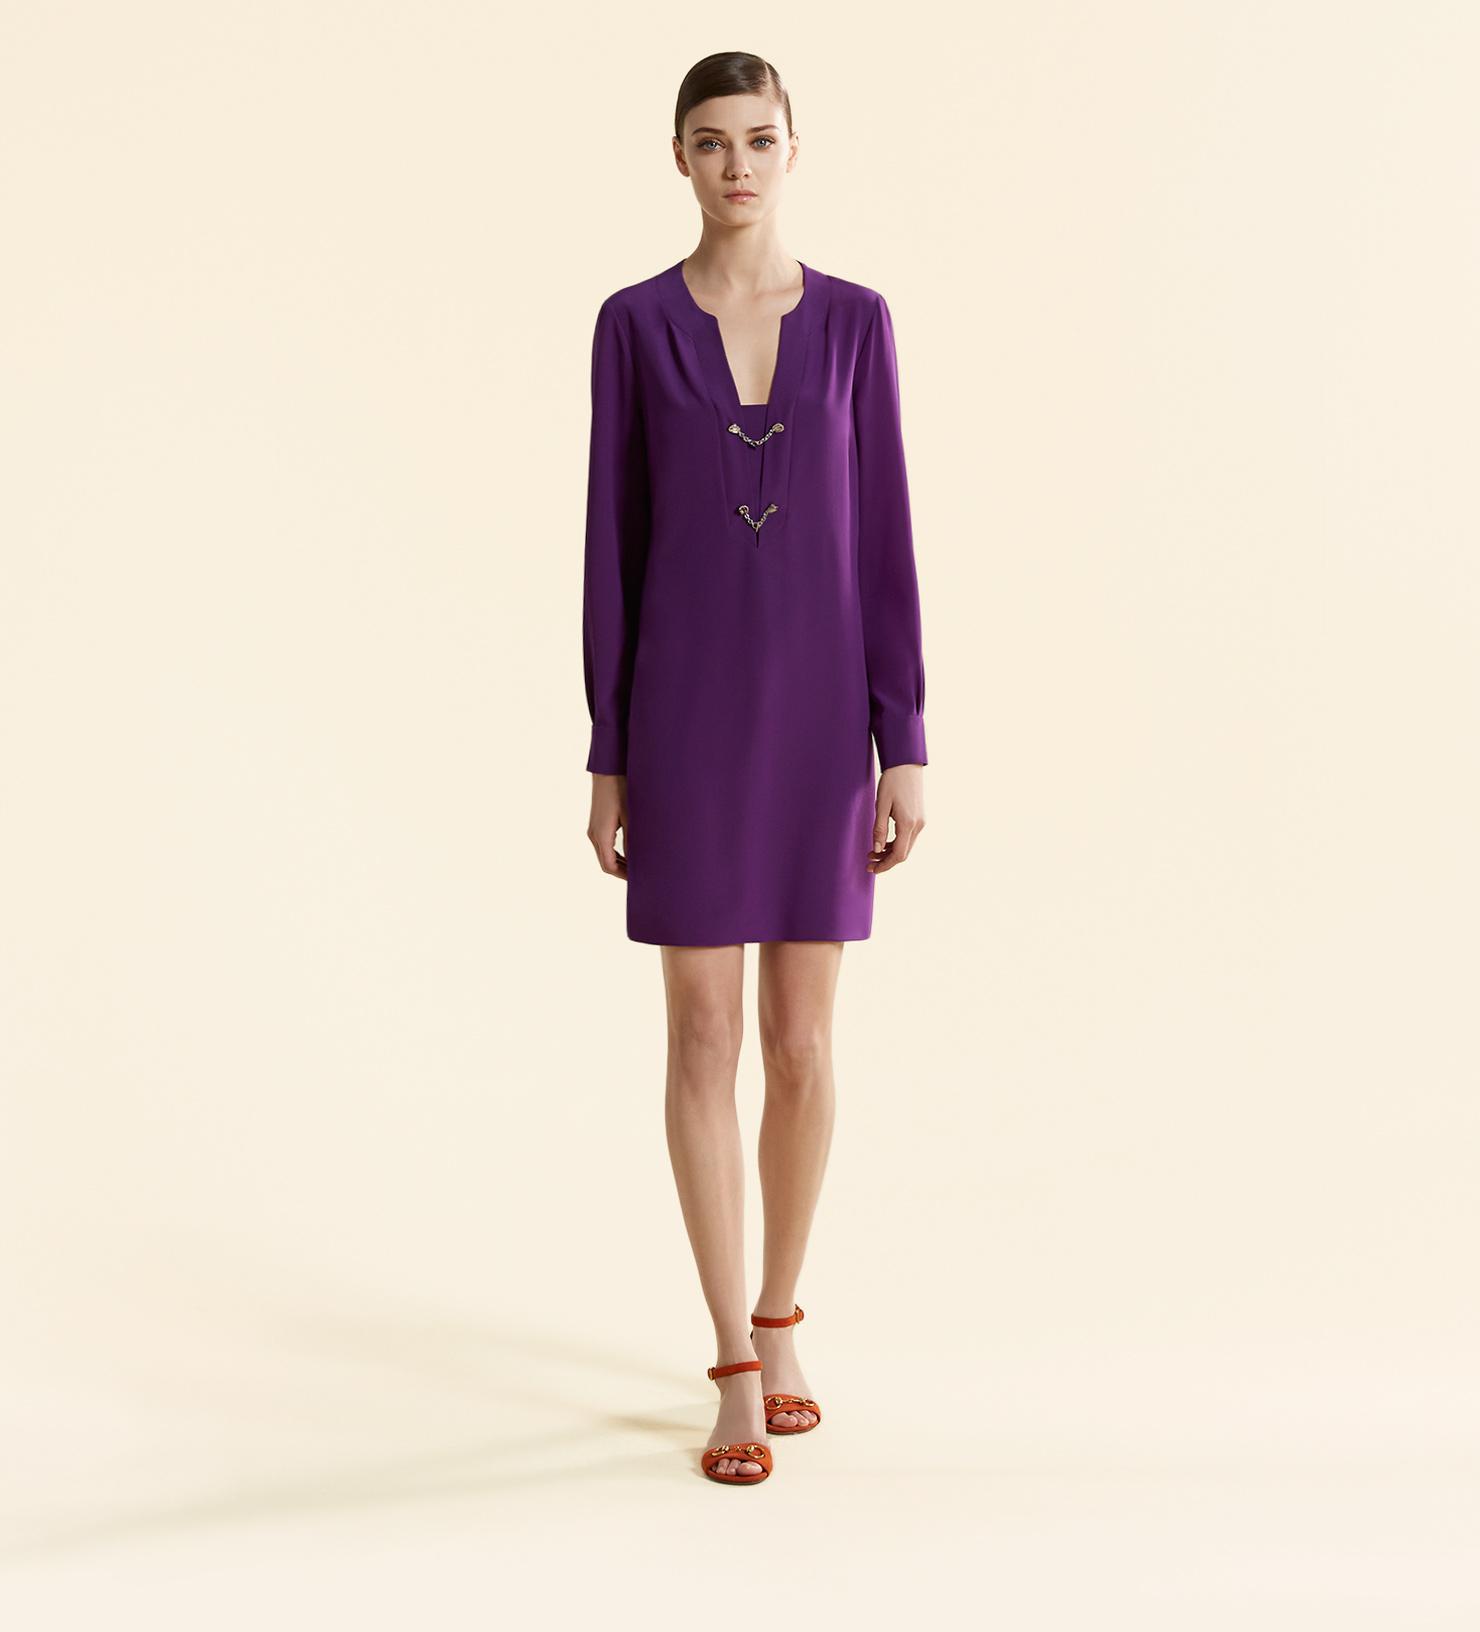 Gucci Silk Crêpe De Chine Long Sleeve Dress in Purple - Lyst